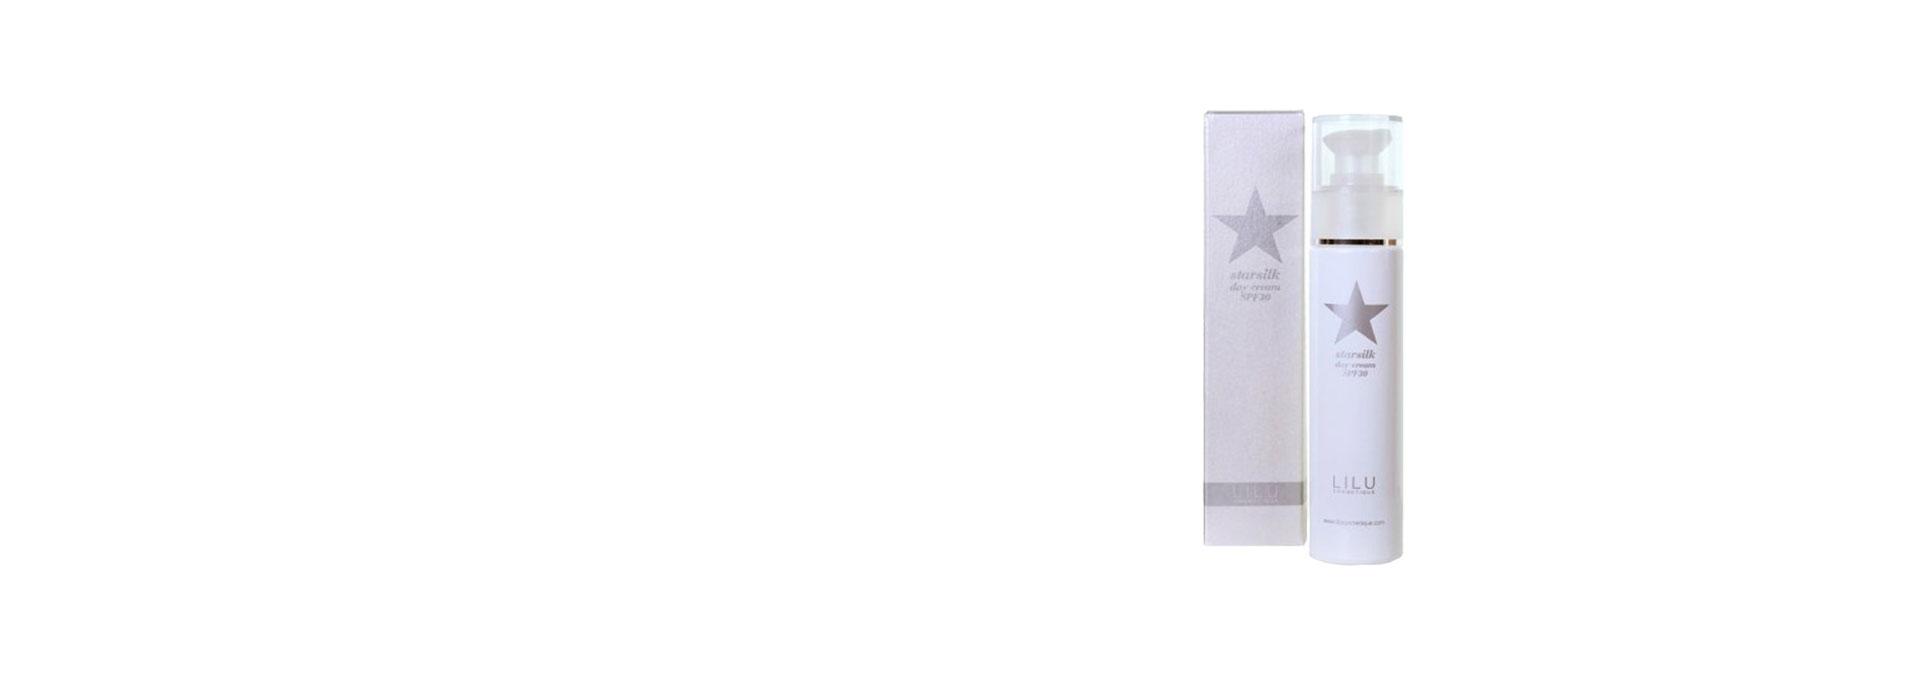 producto estrella